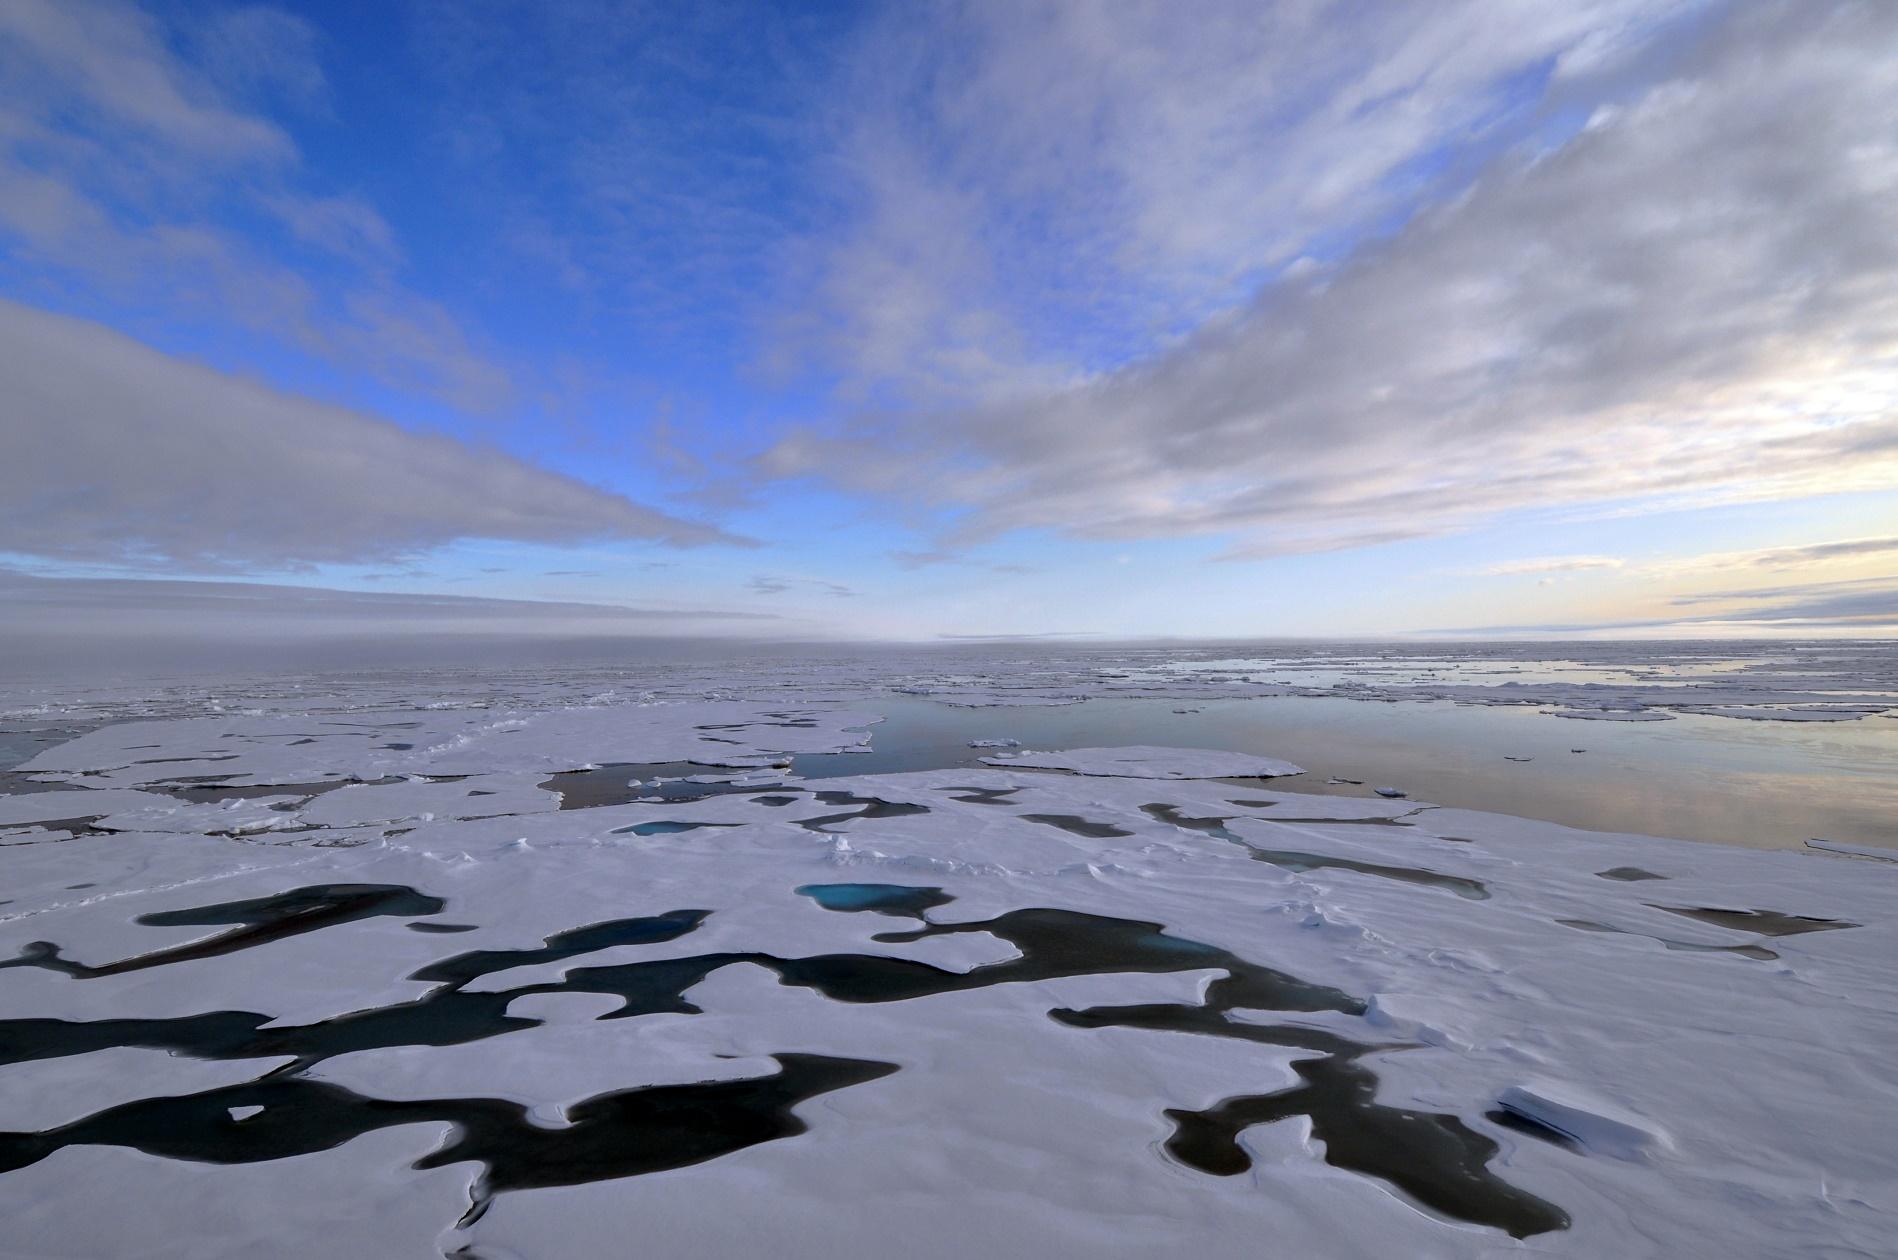 Estima-se que o Ártico tenha 30% de reservas mundiais de gás natural e 13%, de petróleo, as maiores do mundo ainda a serem descobertas e exploradas